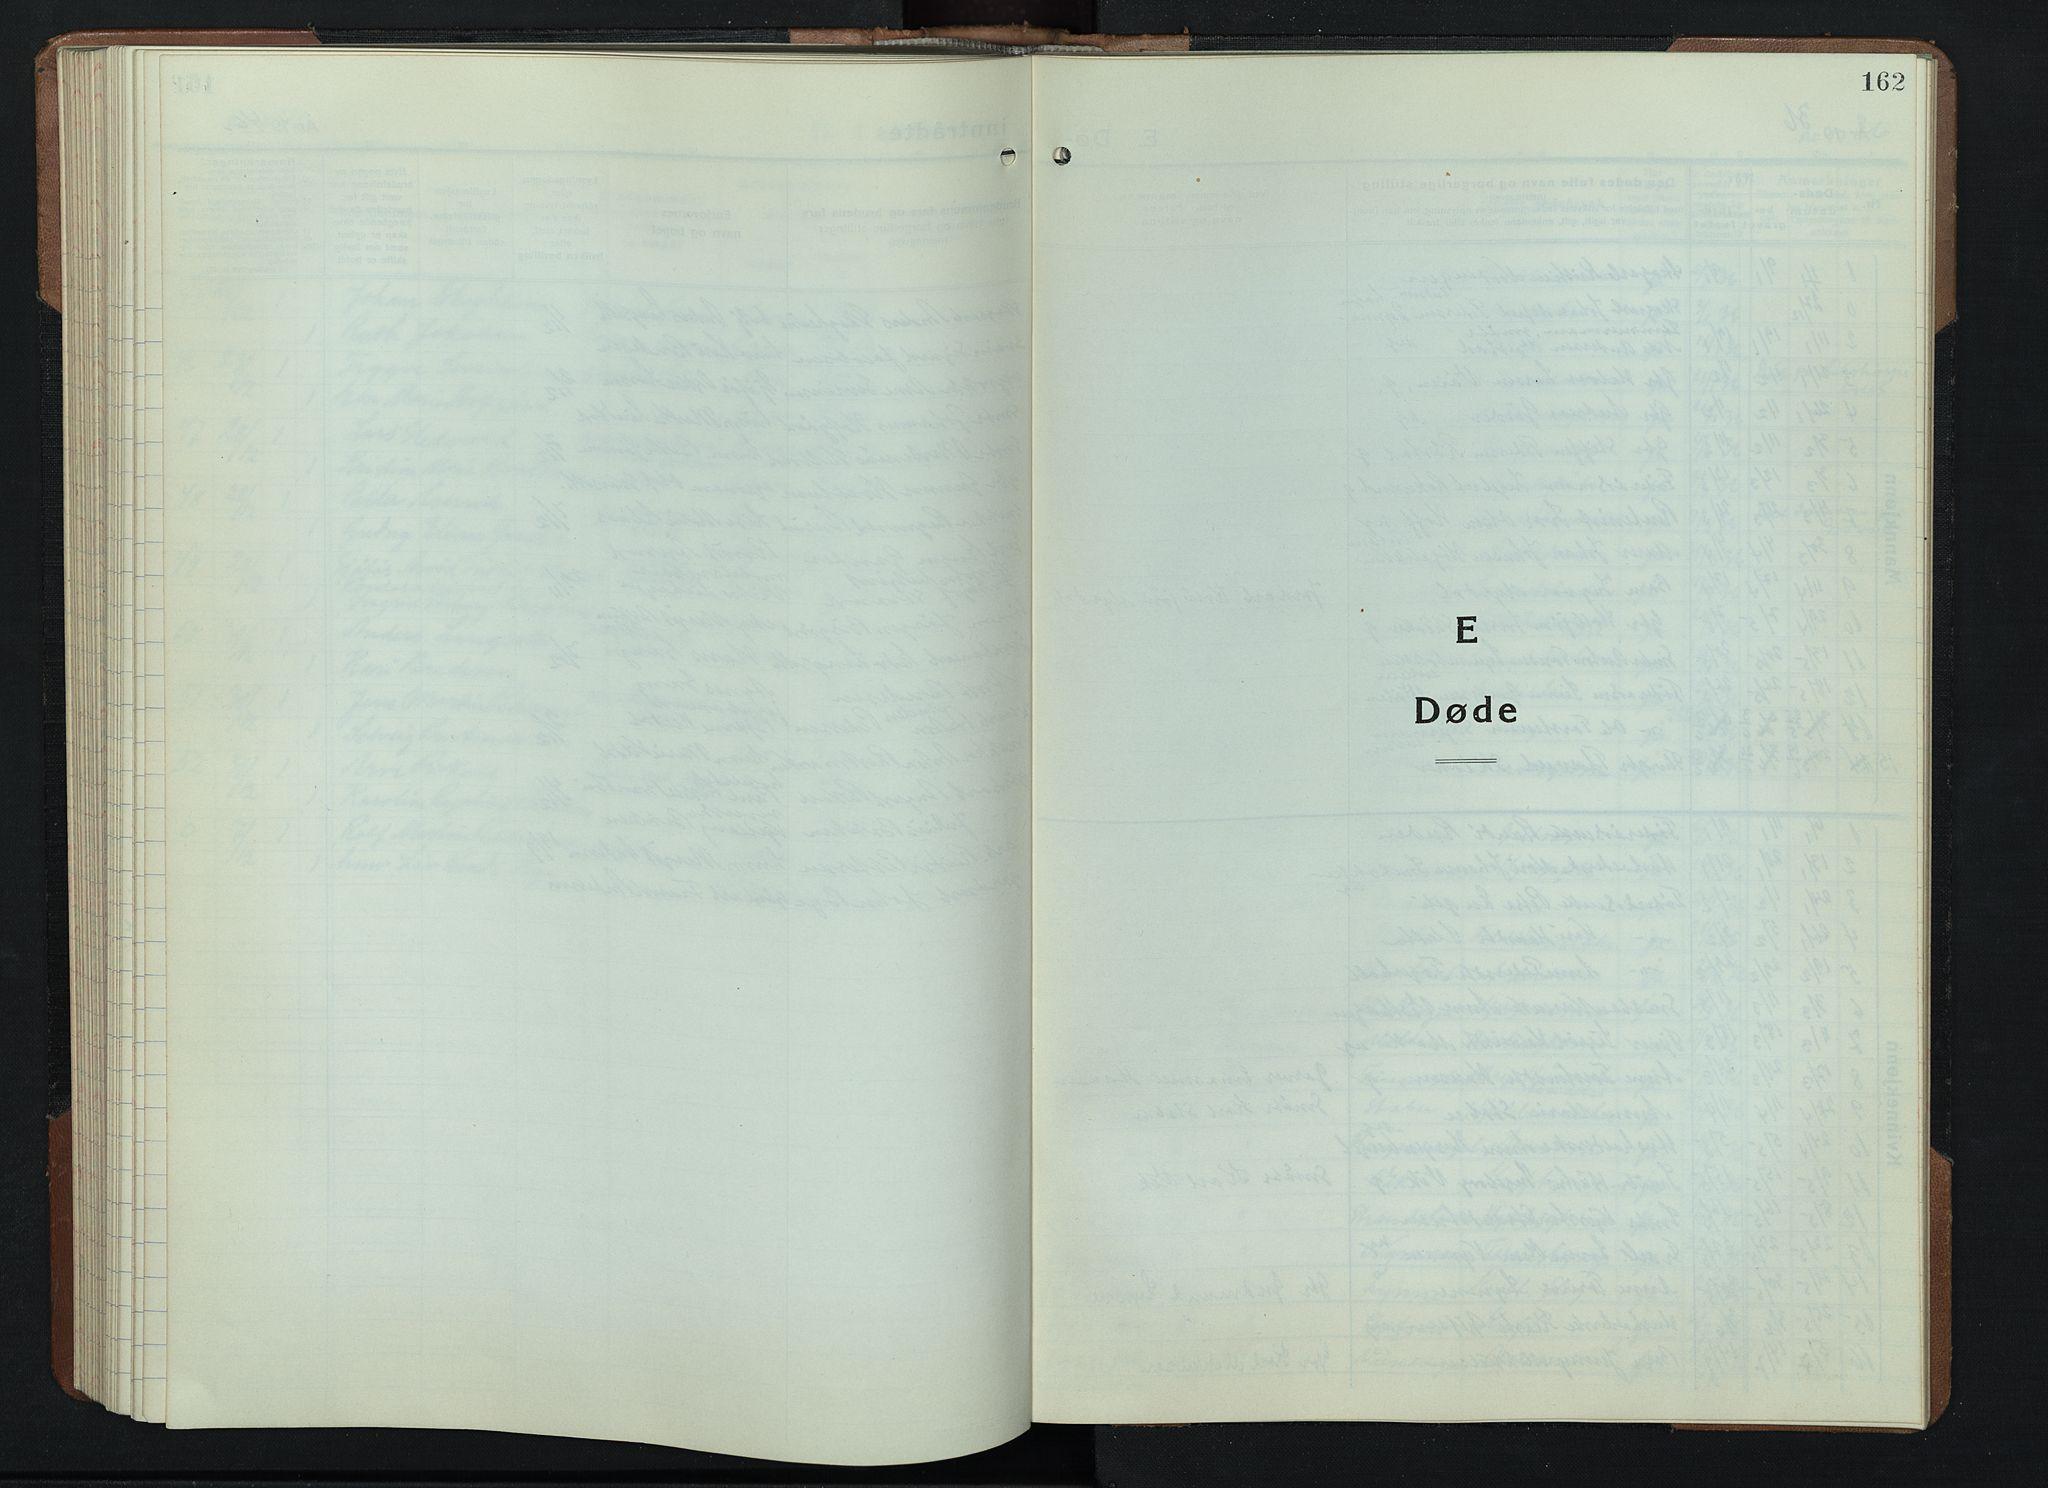 SAH, Gran prestekontor, Klokkerbok nr. 9, 1933-1950, s. 162